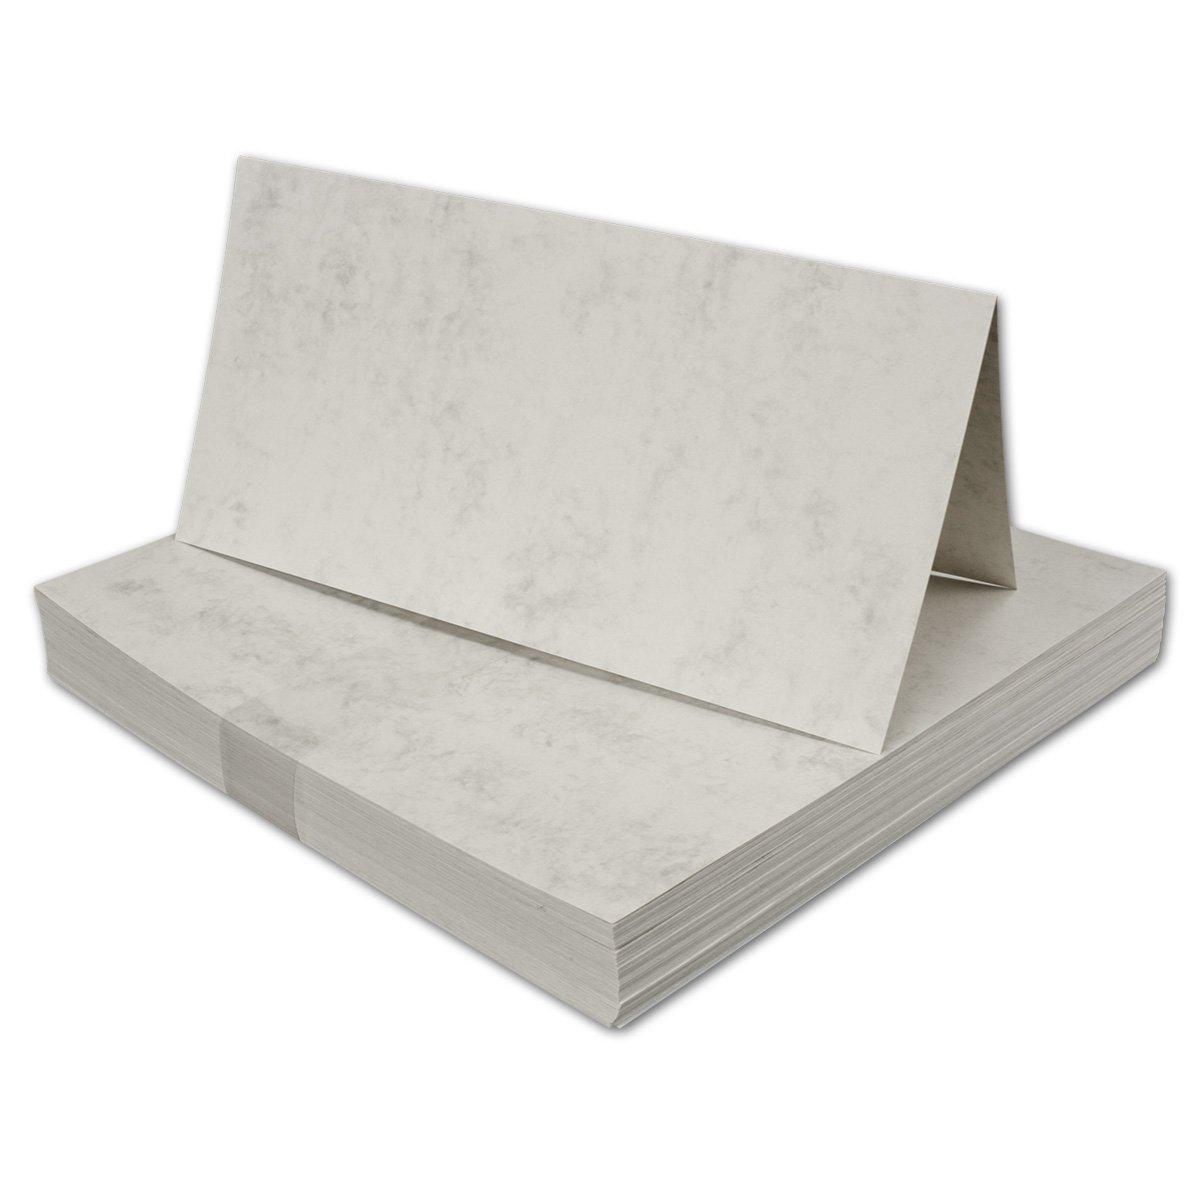 100 Stück I DIN LANG Falt-Karten, GRAU MARMORIERT - 200 g qm, 210 x 210 mm, hochdoppelt B07PYVPDWT | Ausgezeichneter Wert